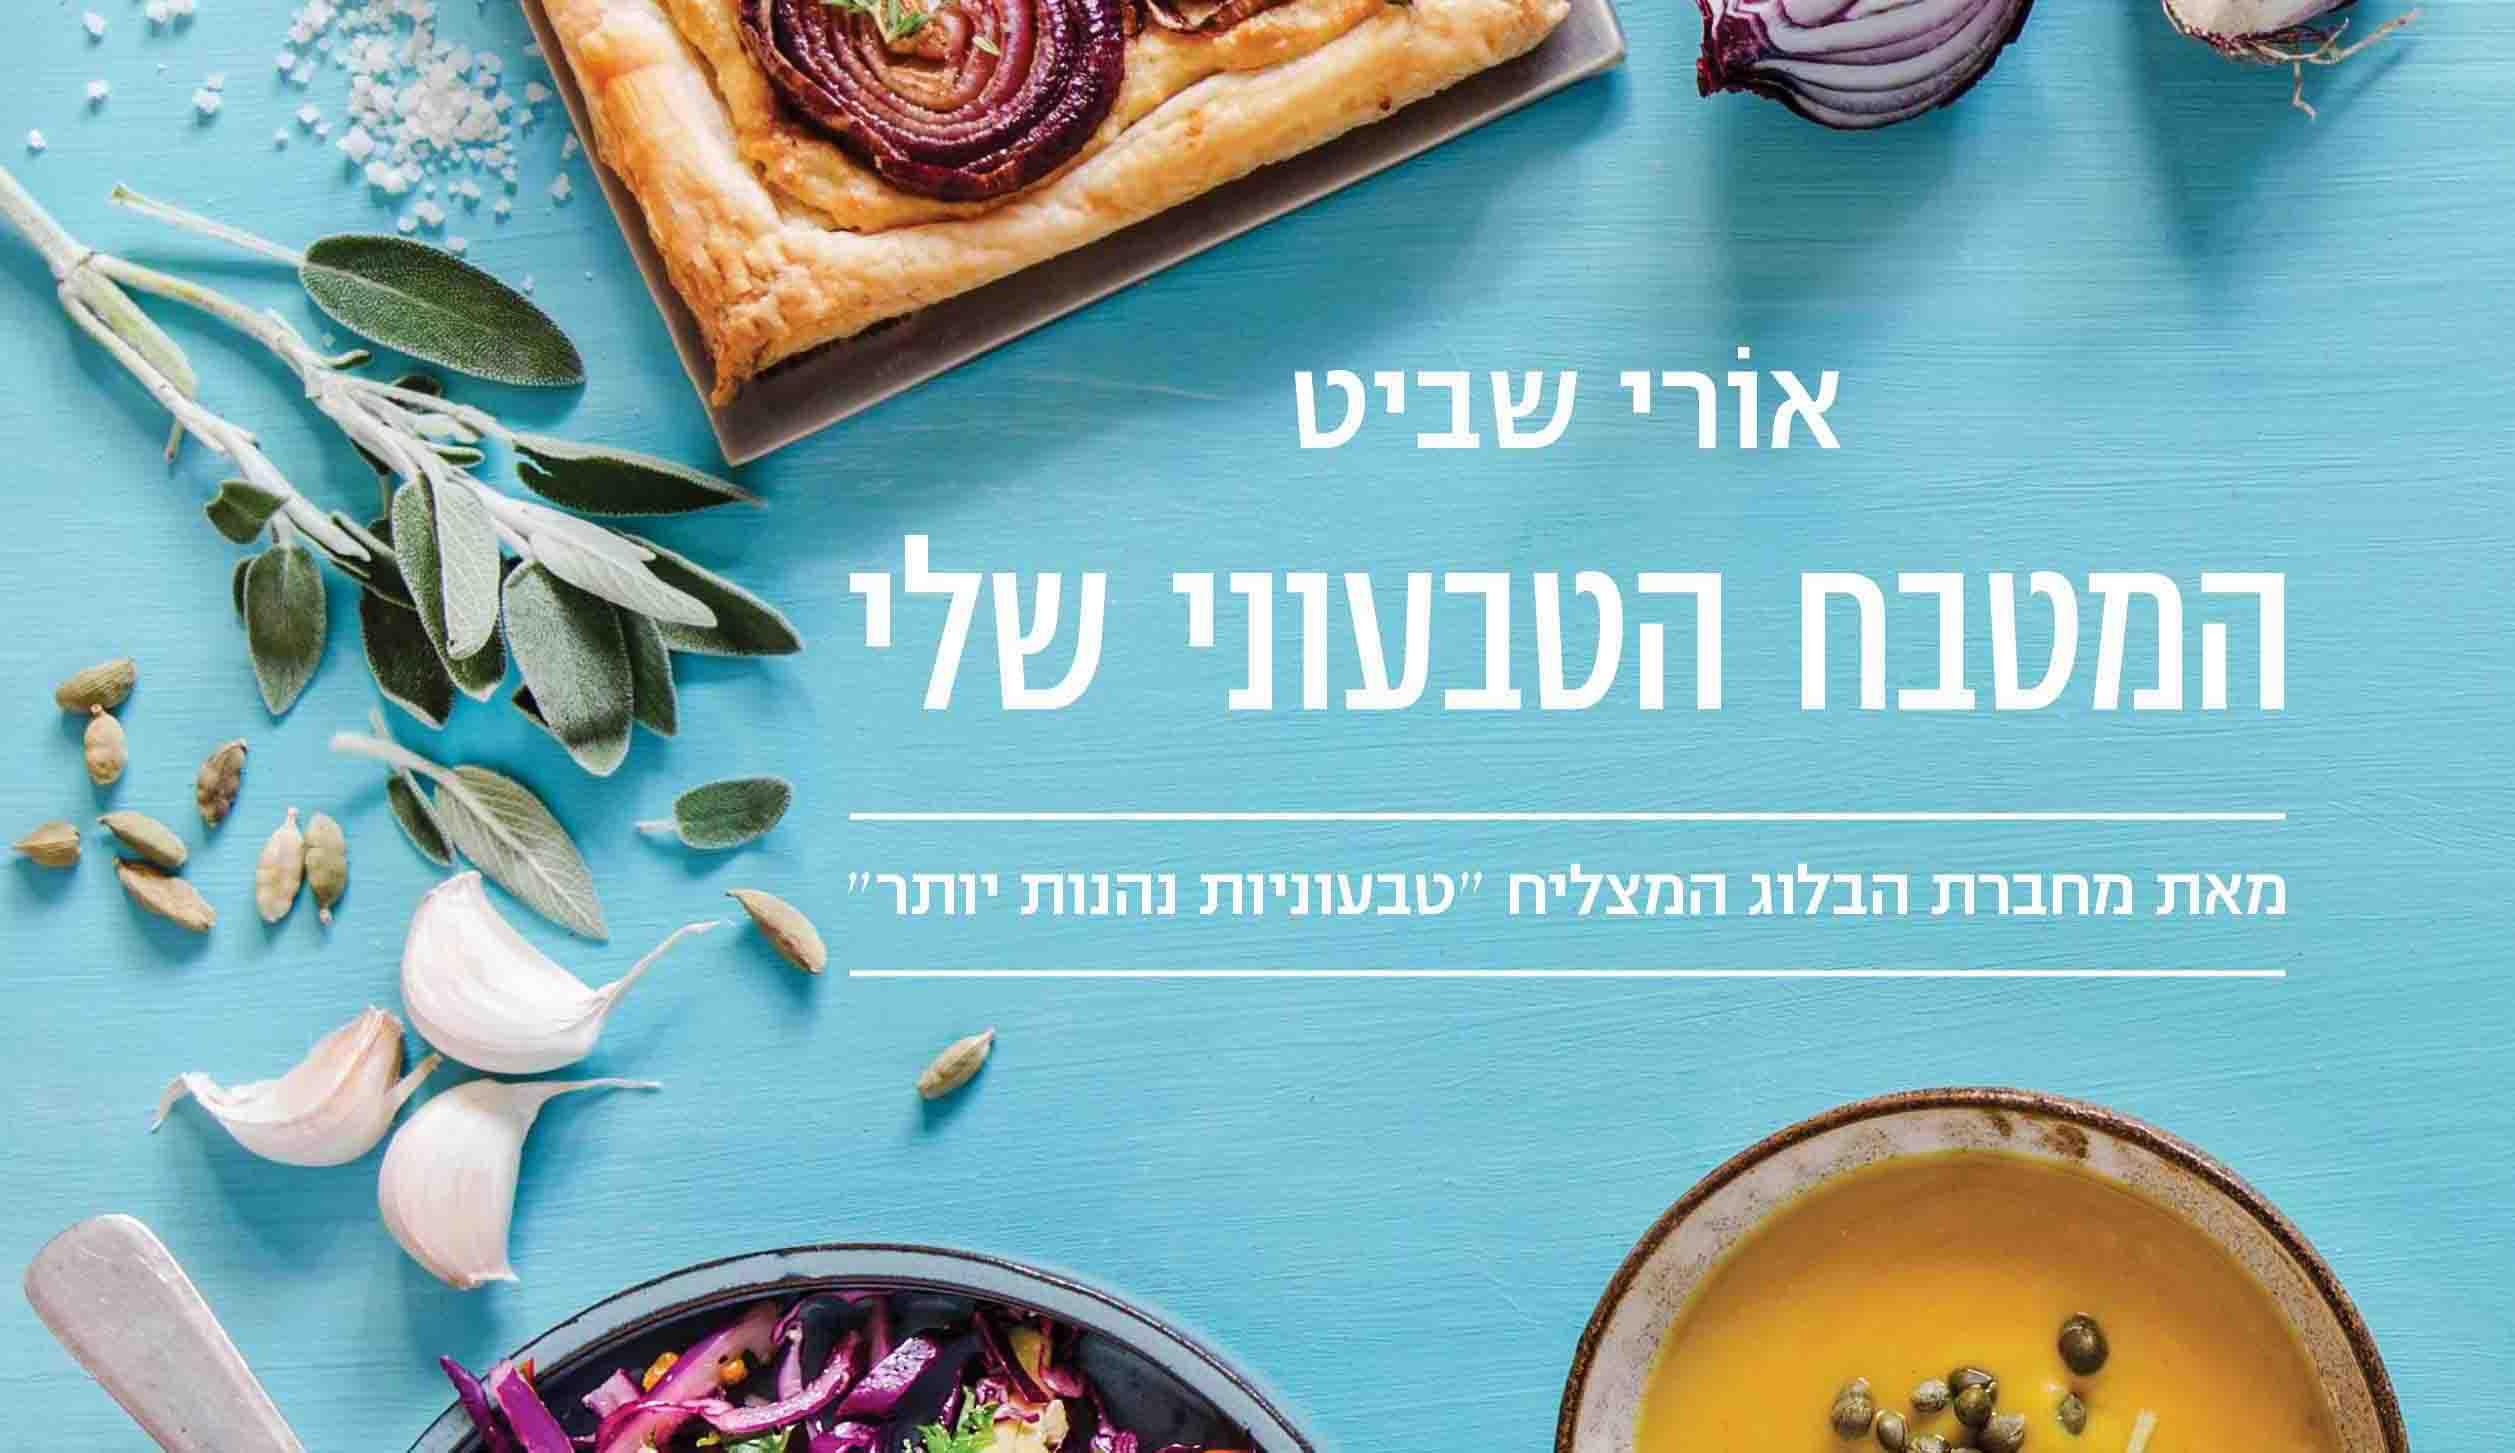 המטבח הטבעוני שלי יצא לאור